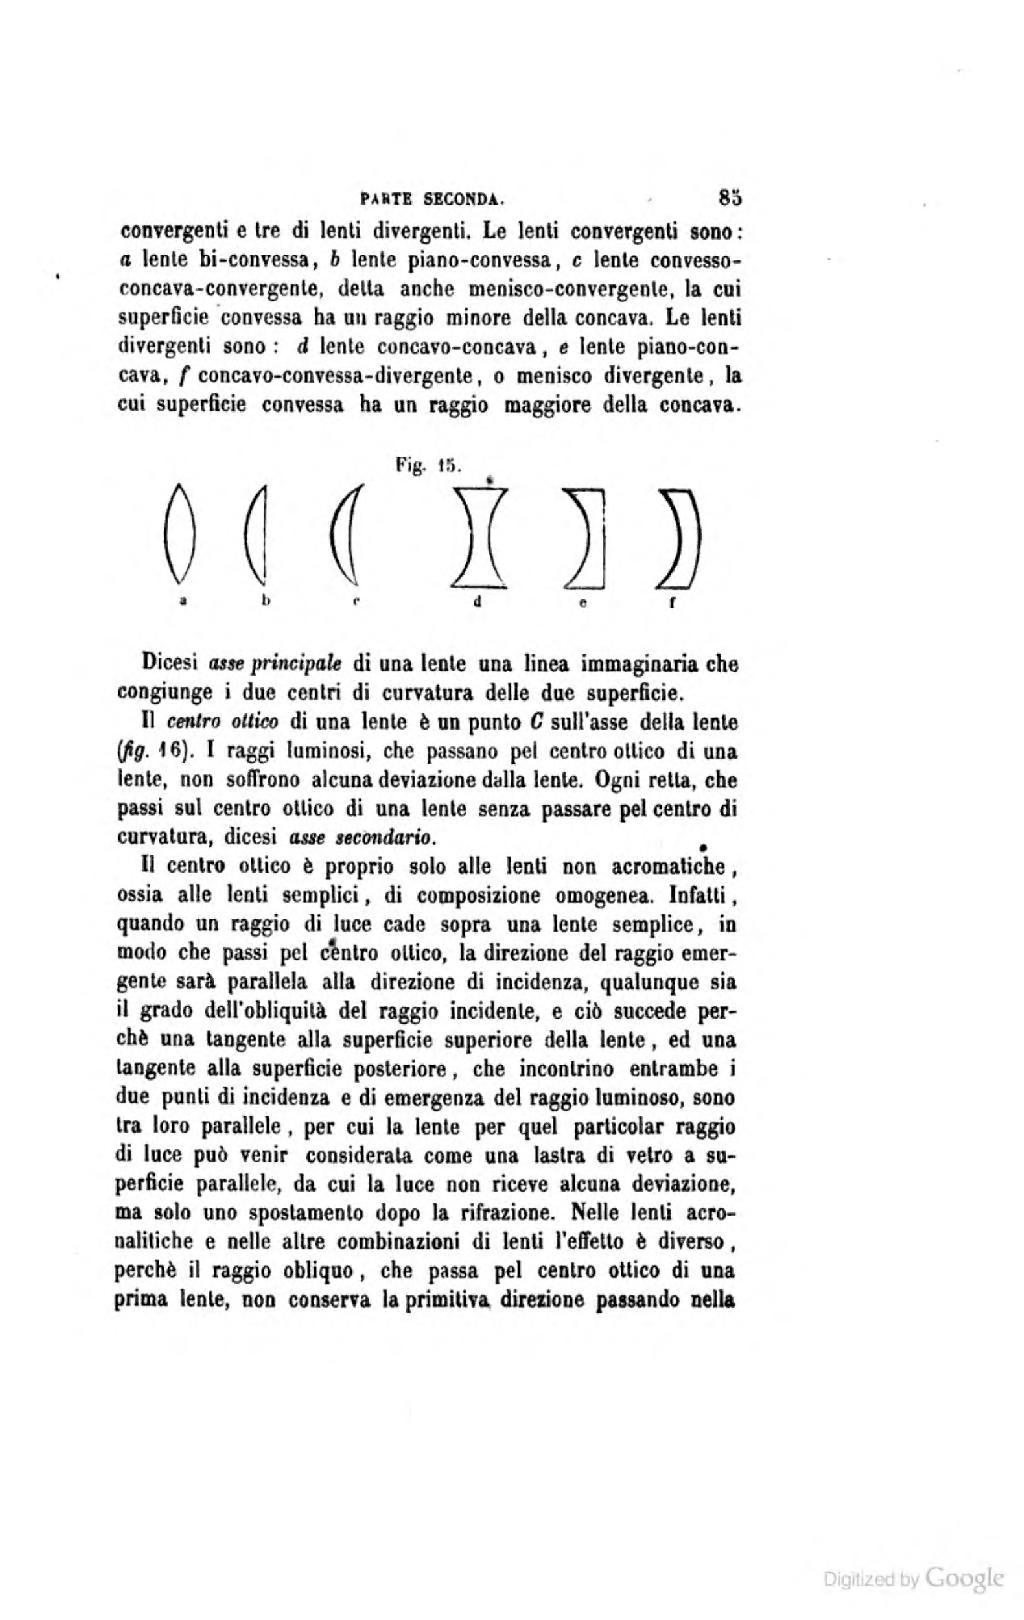 a40810456b Nelle lenti aeronautiche e nelle altre combinazioni di lenti l'effetlo è  diverso, perchè il raggio obliquo, che passa pel centro ottico di una prima  lente, ...